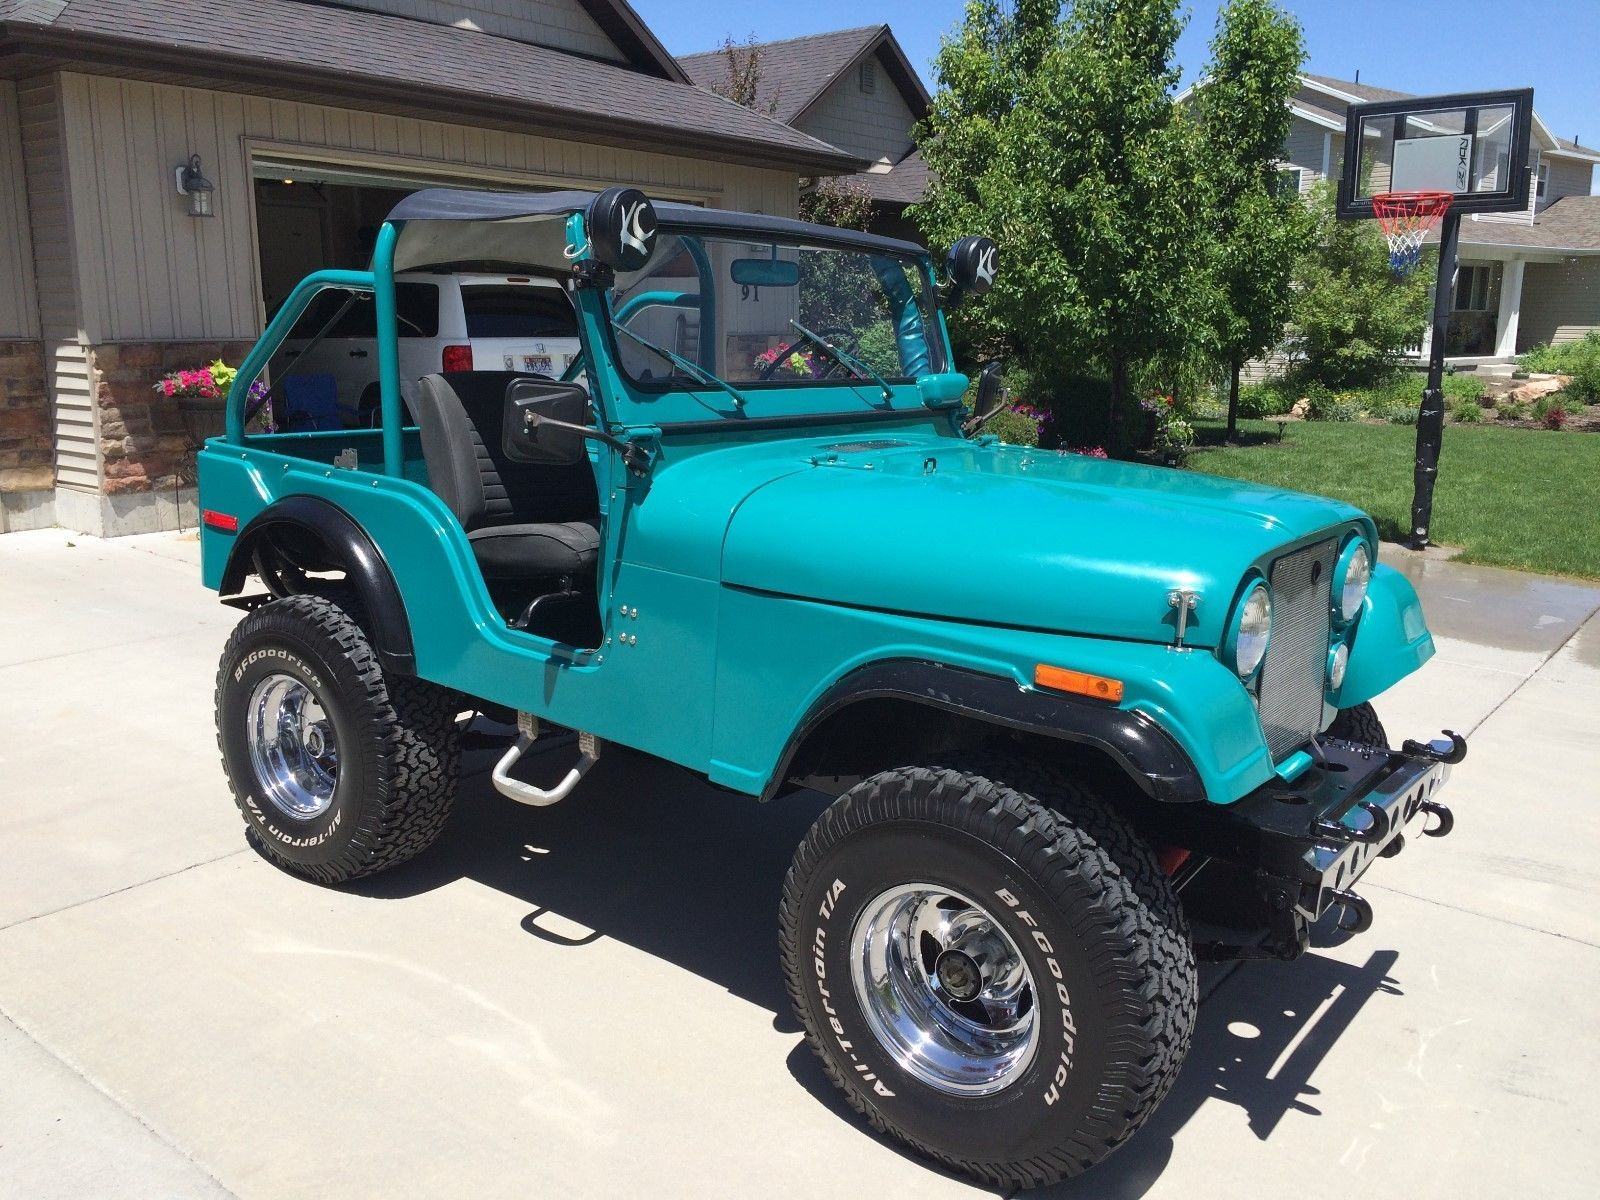 hight resolution of ebay 1972 jeep cj cj5 1972 jeep cj5 4x4 original 68k miles 2010 full build jeep jeeplife